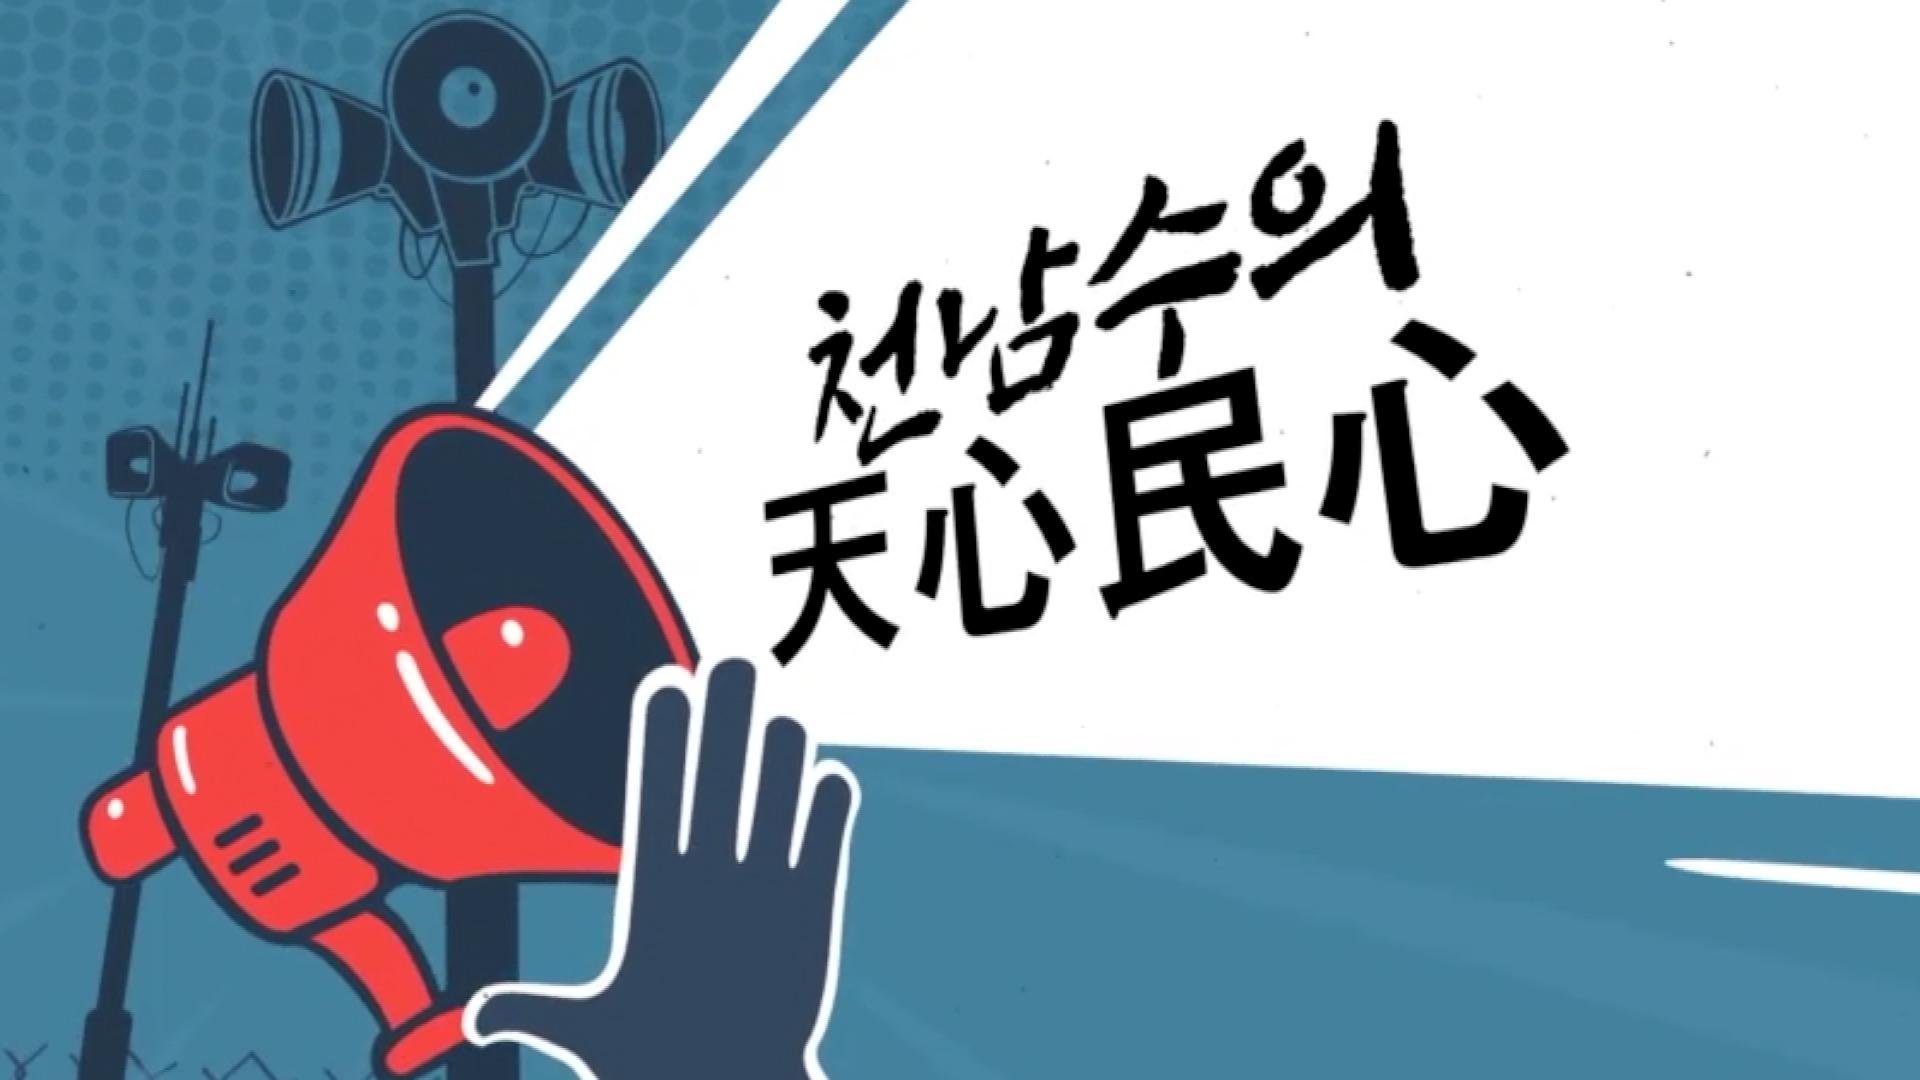 [천남수의 천심민심(天心民心)] 2. 원주 갑 선거구 총선 여론조사 분석